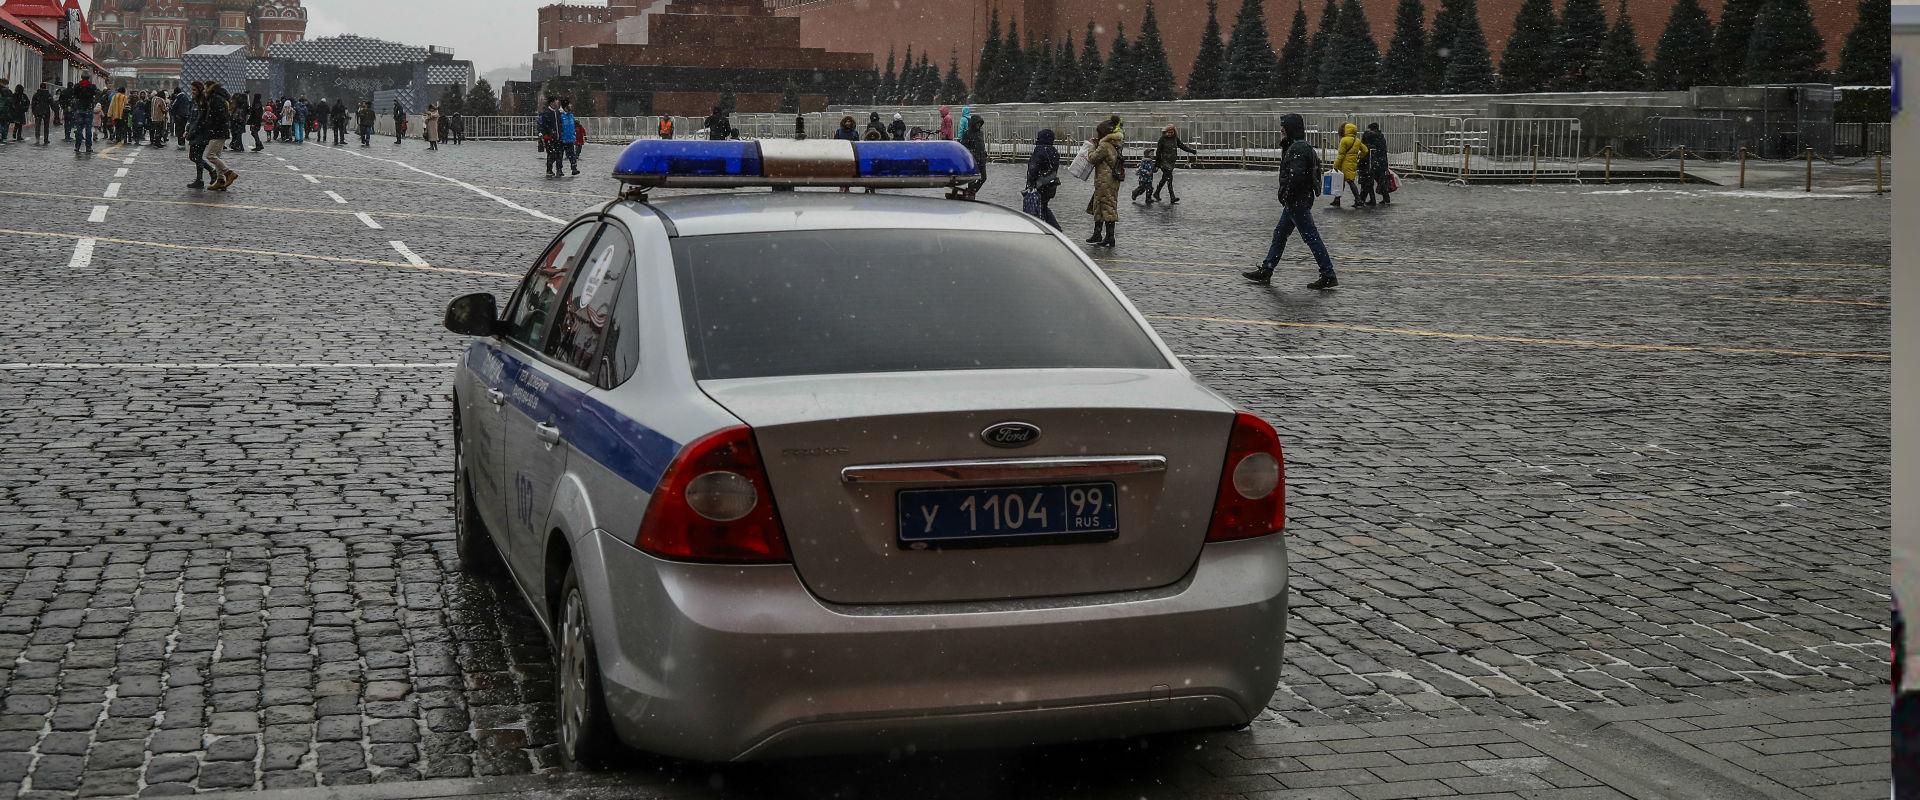 משטרה במוסקבה (ארכיון)